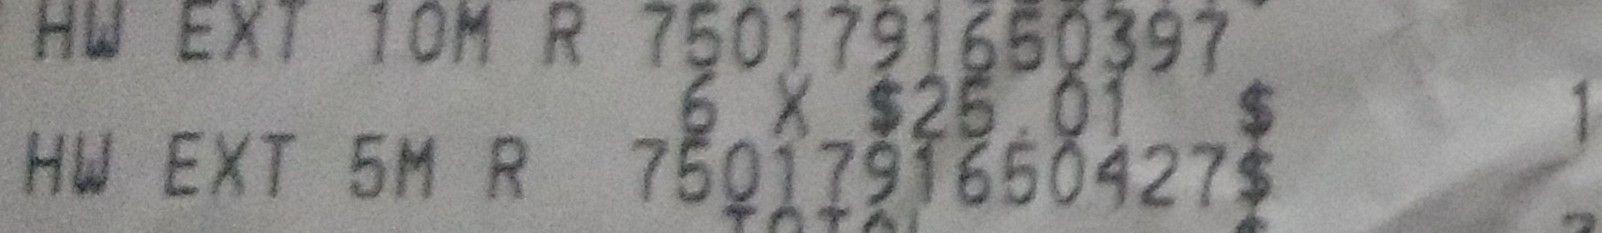 3147314-a9qHr.jpg